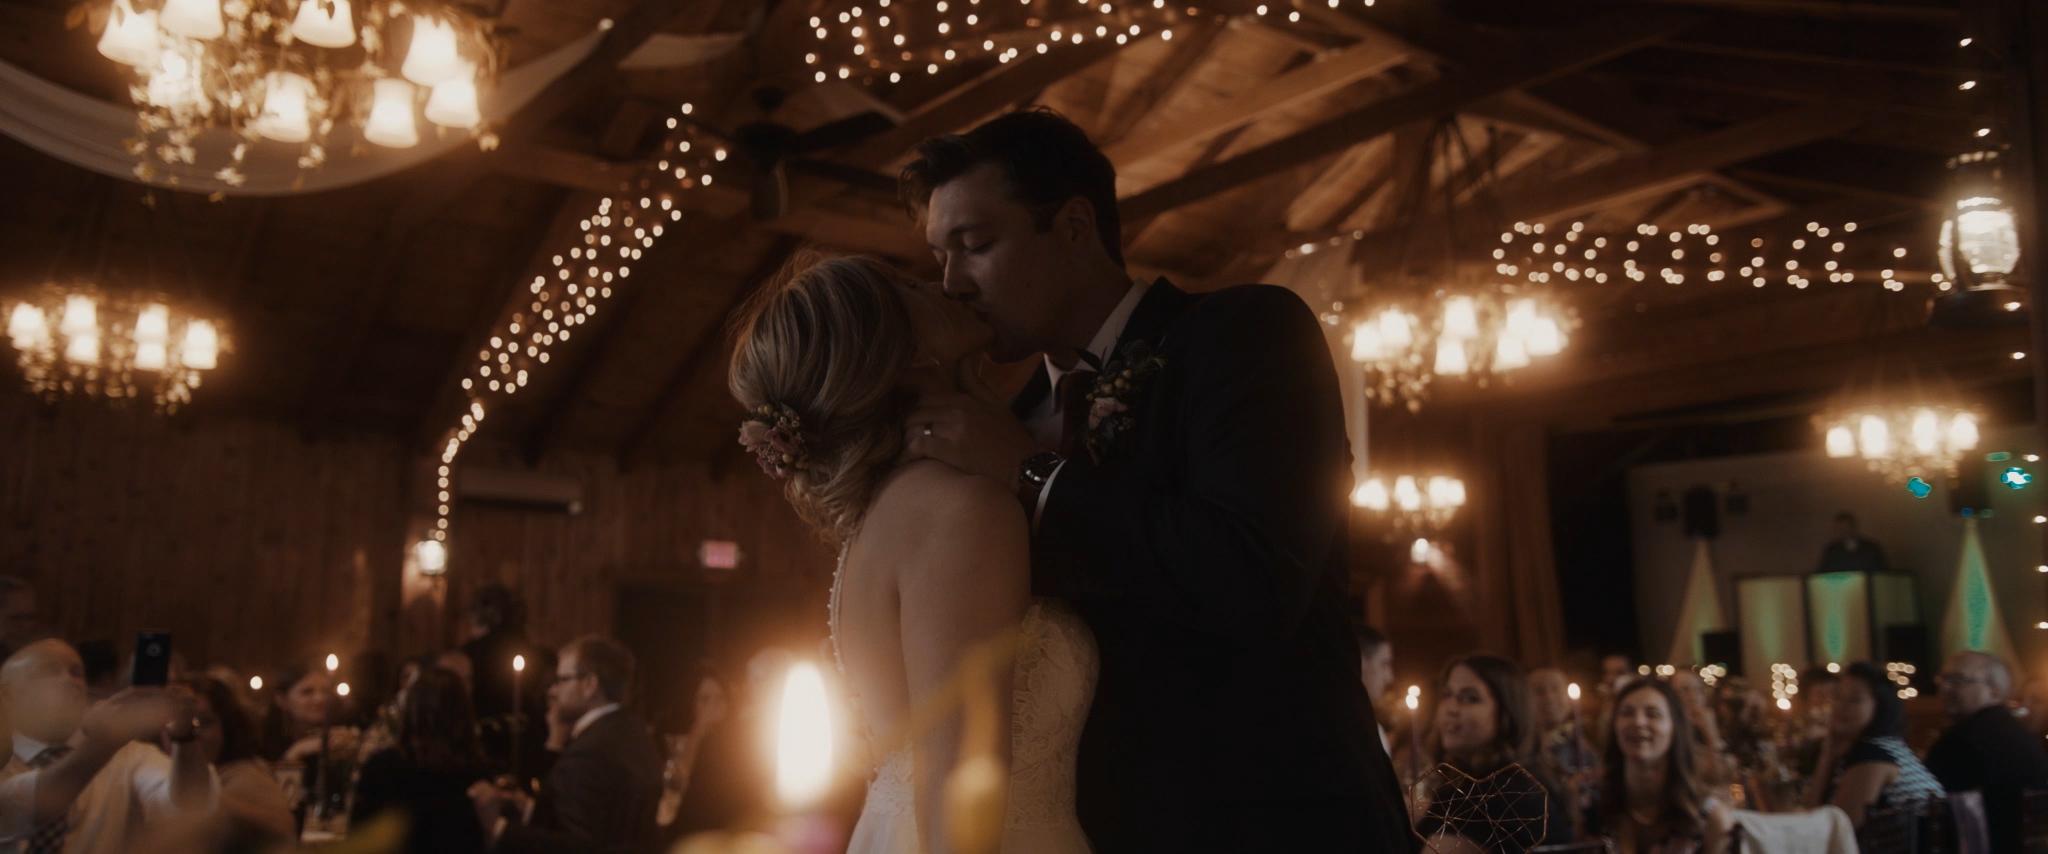 HAVENS_Wedding_Film.00_06_03_12.Still065.jpg